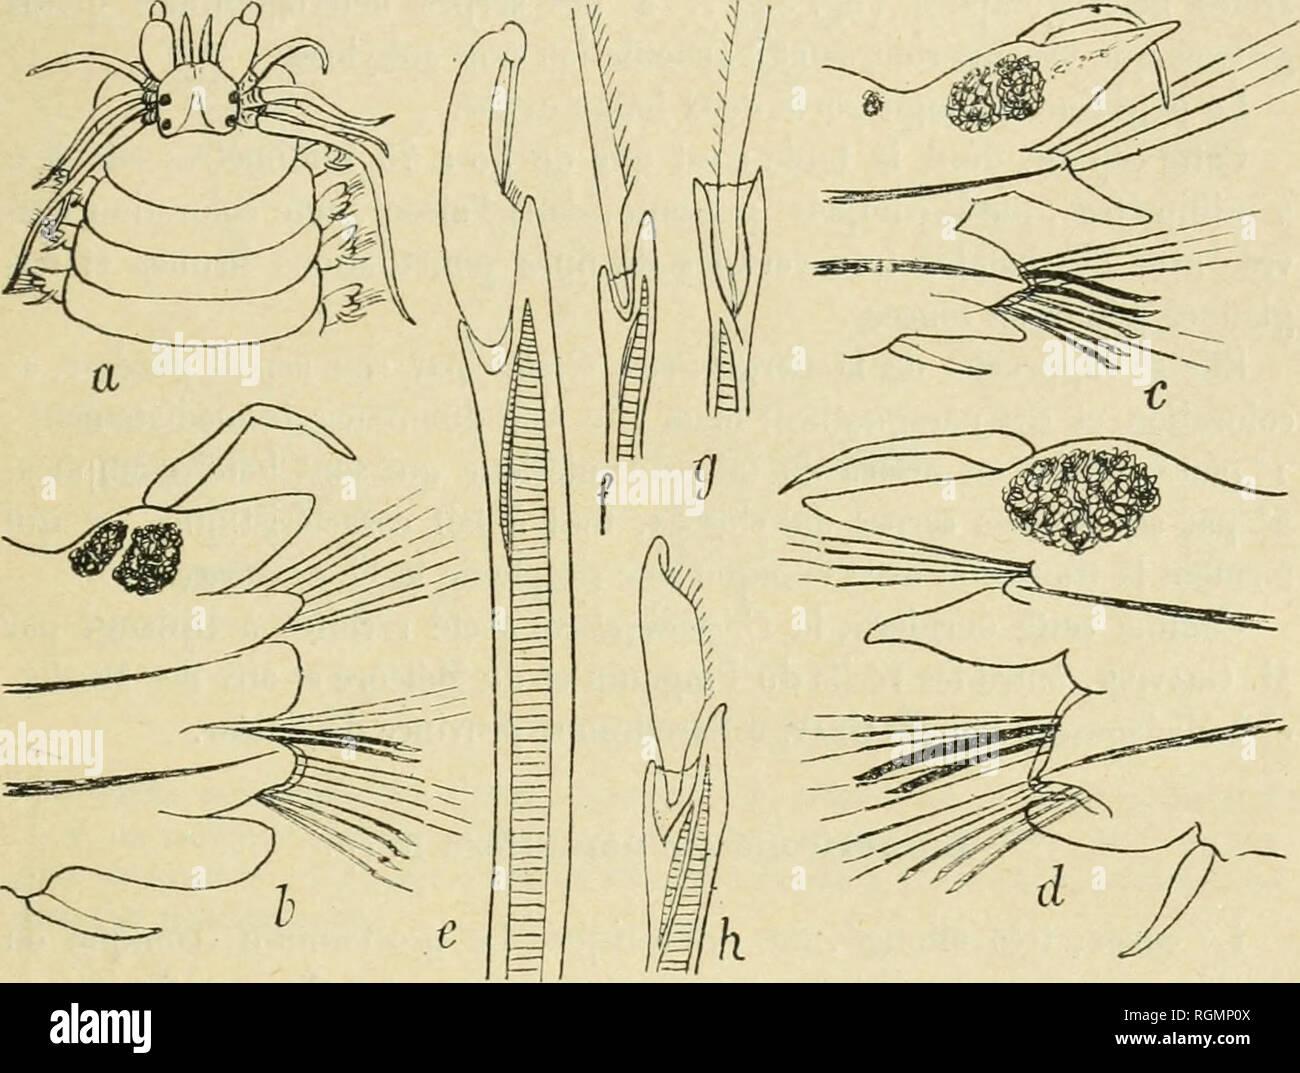 """. Bulletin du Musum national d'histoire naturelle. Natural history. â 507 â dépasse à peine le segment buccal, tandis que la postérieure supérieure atteint le U""""-6C sétigère. Les mâchoires sont très foncées, courtes, larges, à 4-6 dents bien marquées. H n'existe pas de paragnathes à l'an- neau oral. Ceux de l'anneau maxillaire, foncés, gros et coniques, sont ainsi répartis : groupe I = i ; II = 4 à 8 formant un arc à un seul rang; 111^2 ou 3 en ligne longitudinale; IV âamas triangulaires de h à 6. Le segment buccal est fortement échancré par le prostomium; il est aussi long q - Stock Image"""